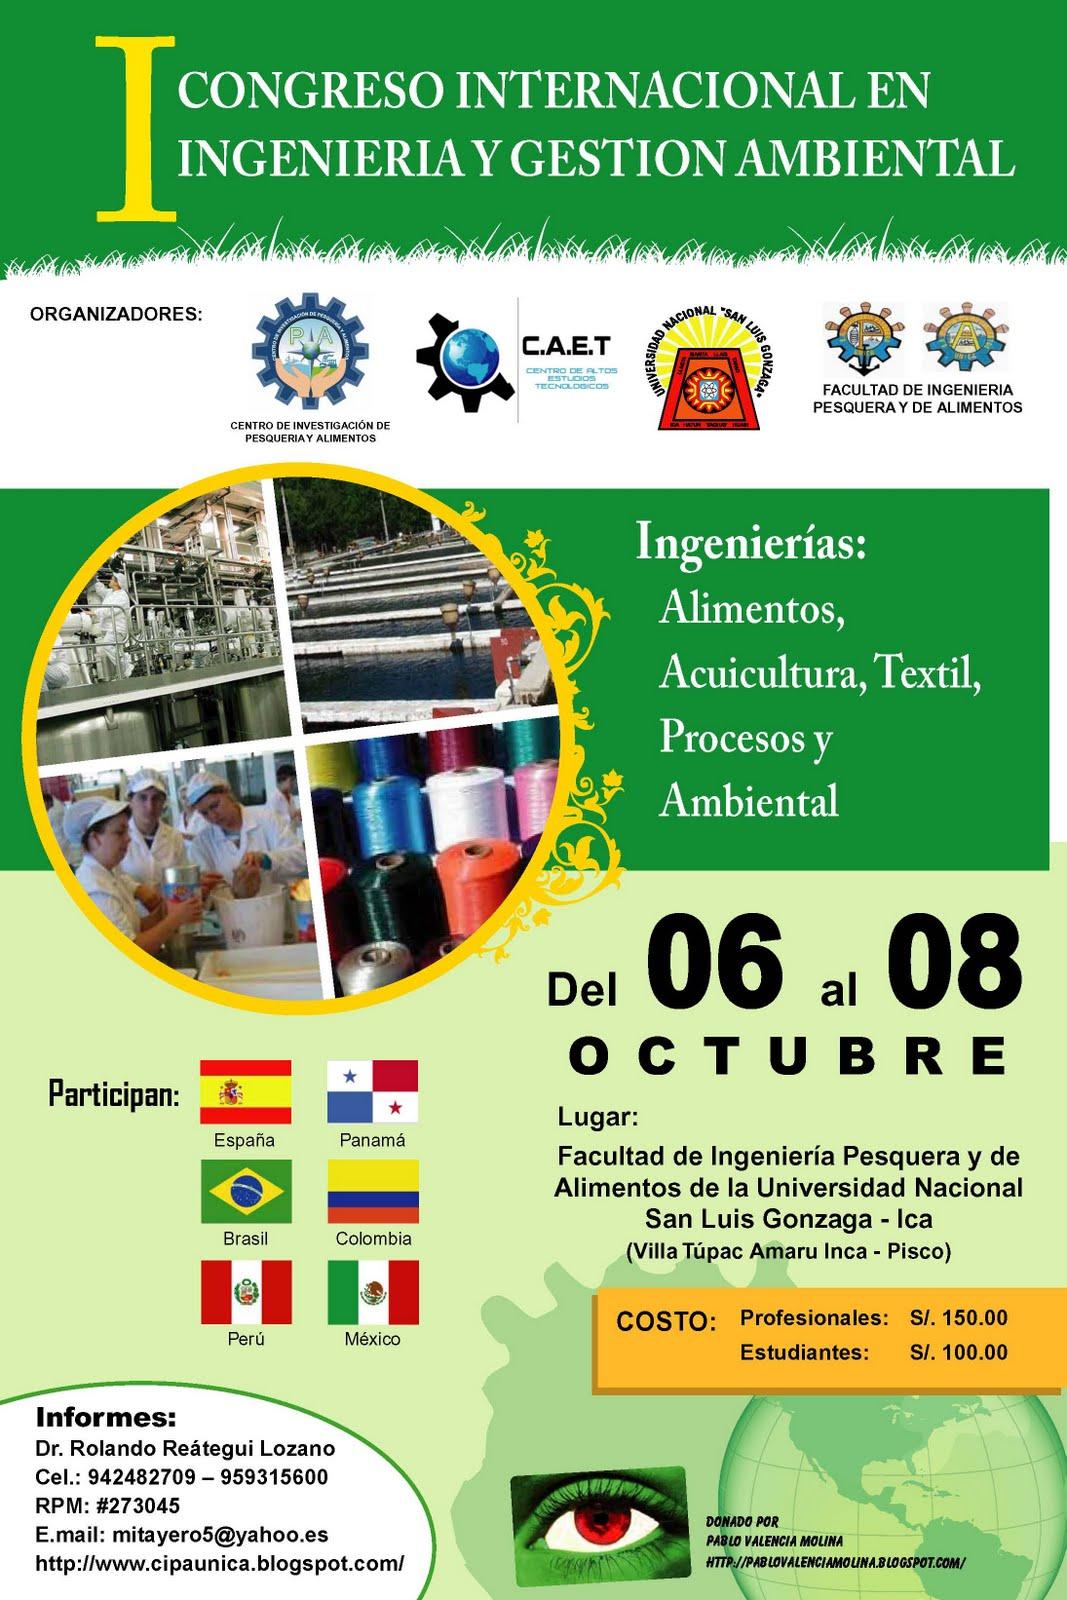 Portada del   I CONGRESO INTERNACIONAL EN INGENIERIA Y GESTION AMBIENTAL, 2011